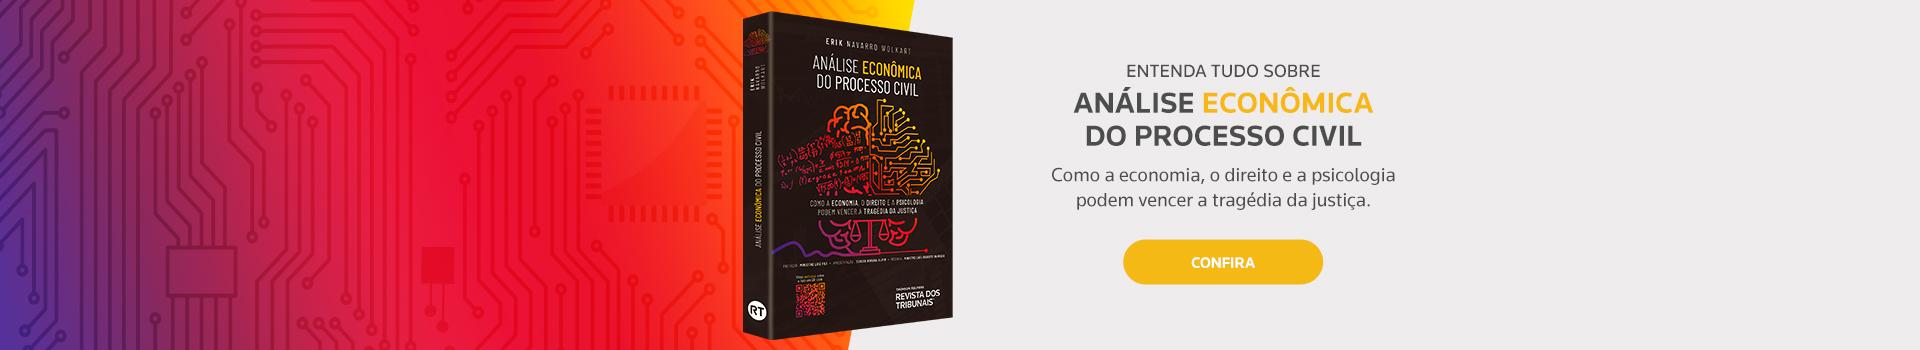 Obra Análise Econômica do Processo Civil